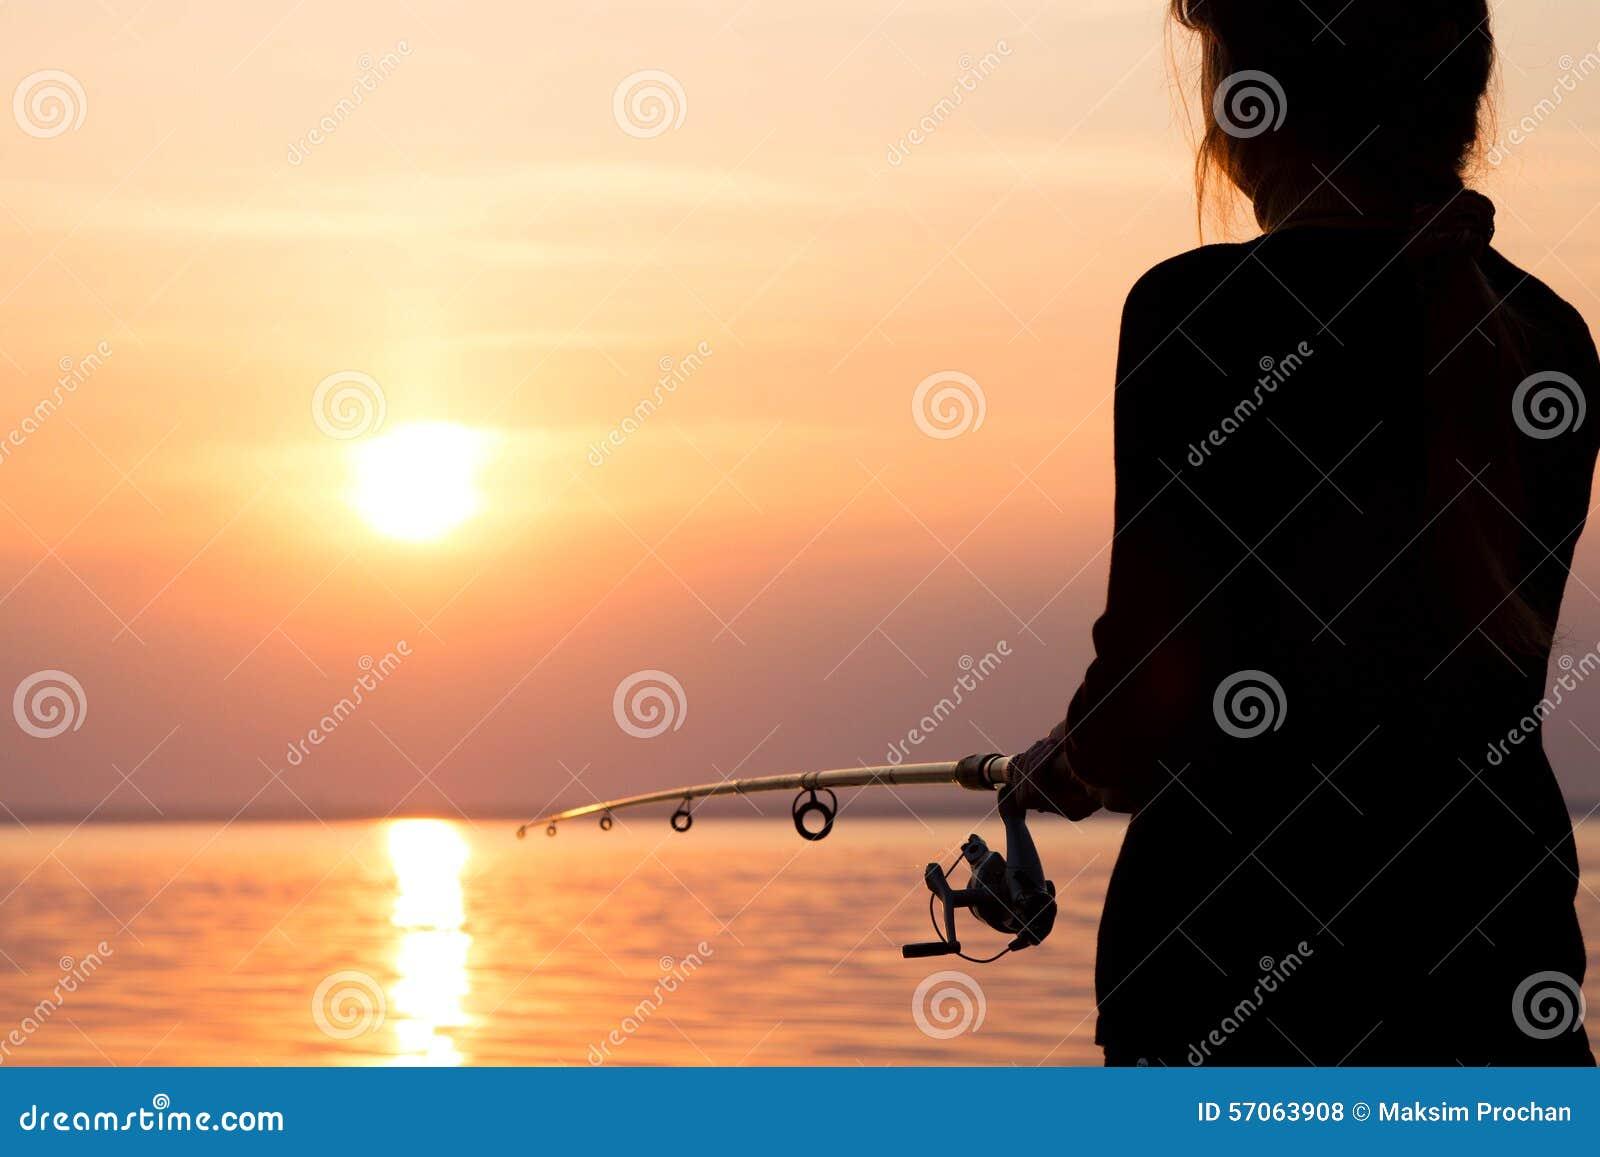 Silhouet van een meisje op de bank van de rivier met een hengel